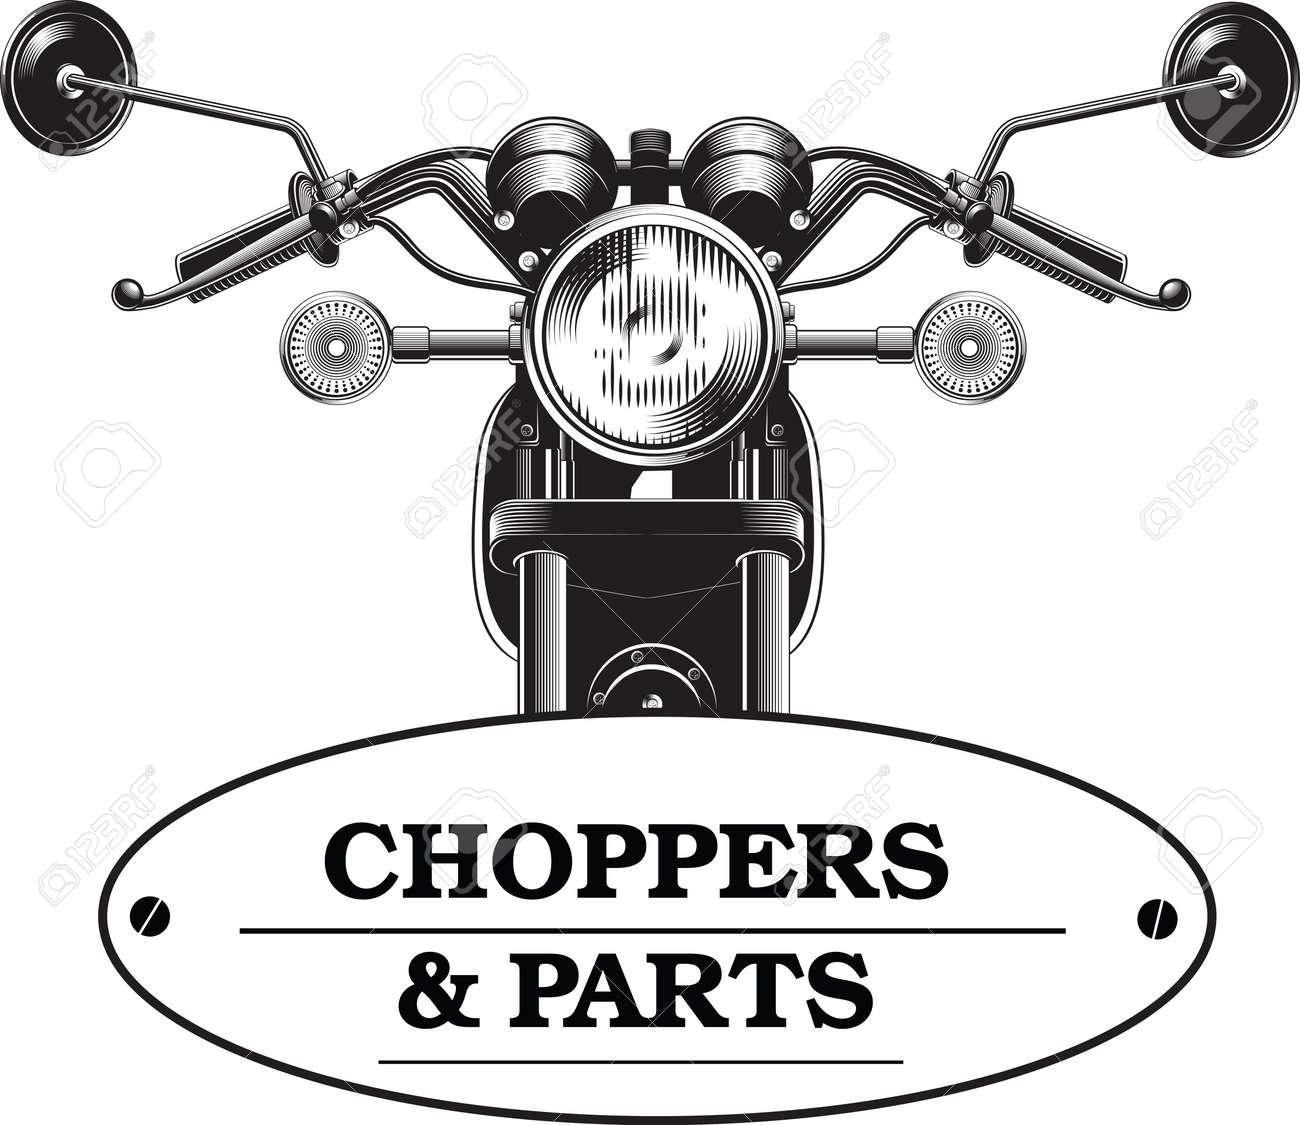 Chopper Motorrad Vorderseite Isoliert Auf Weißem Hintergrund Schwarz ...